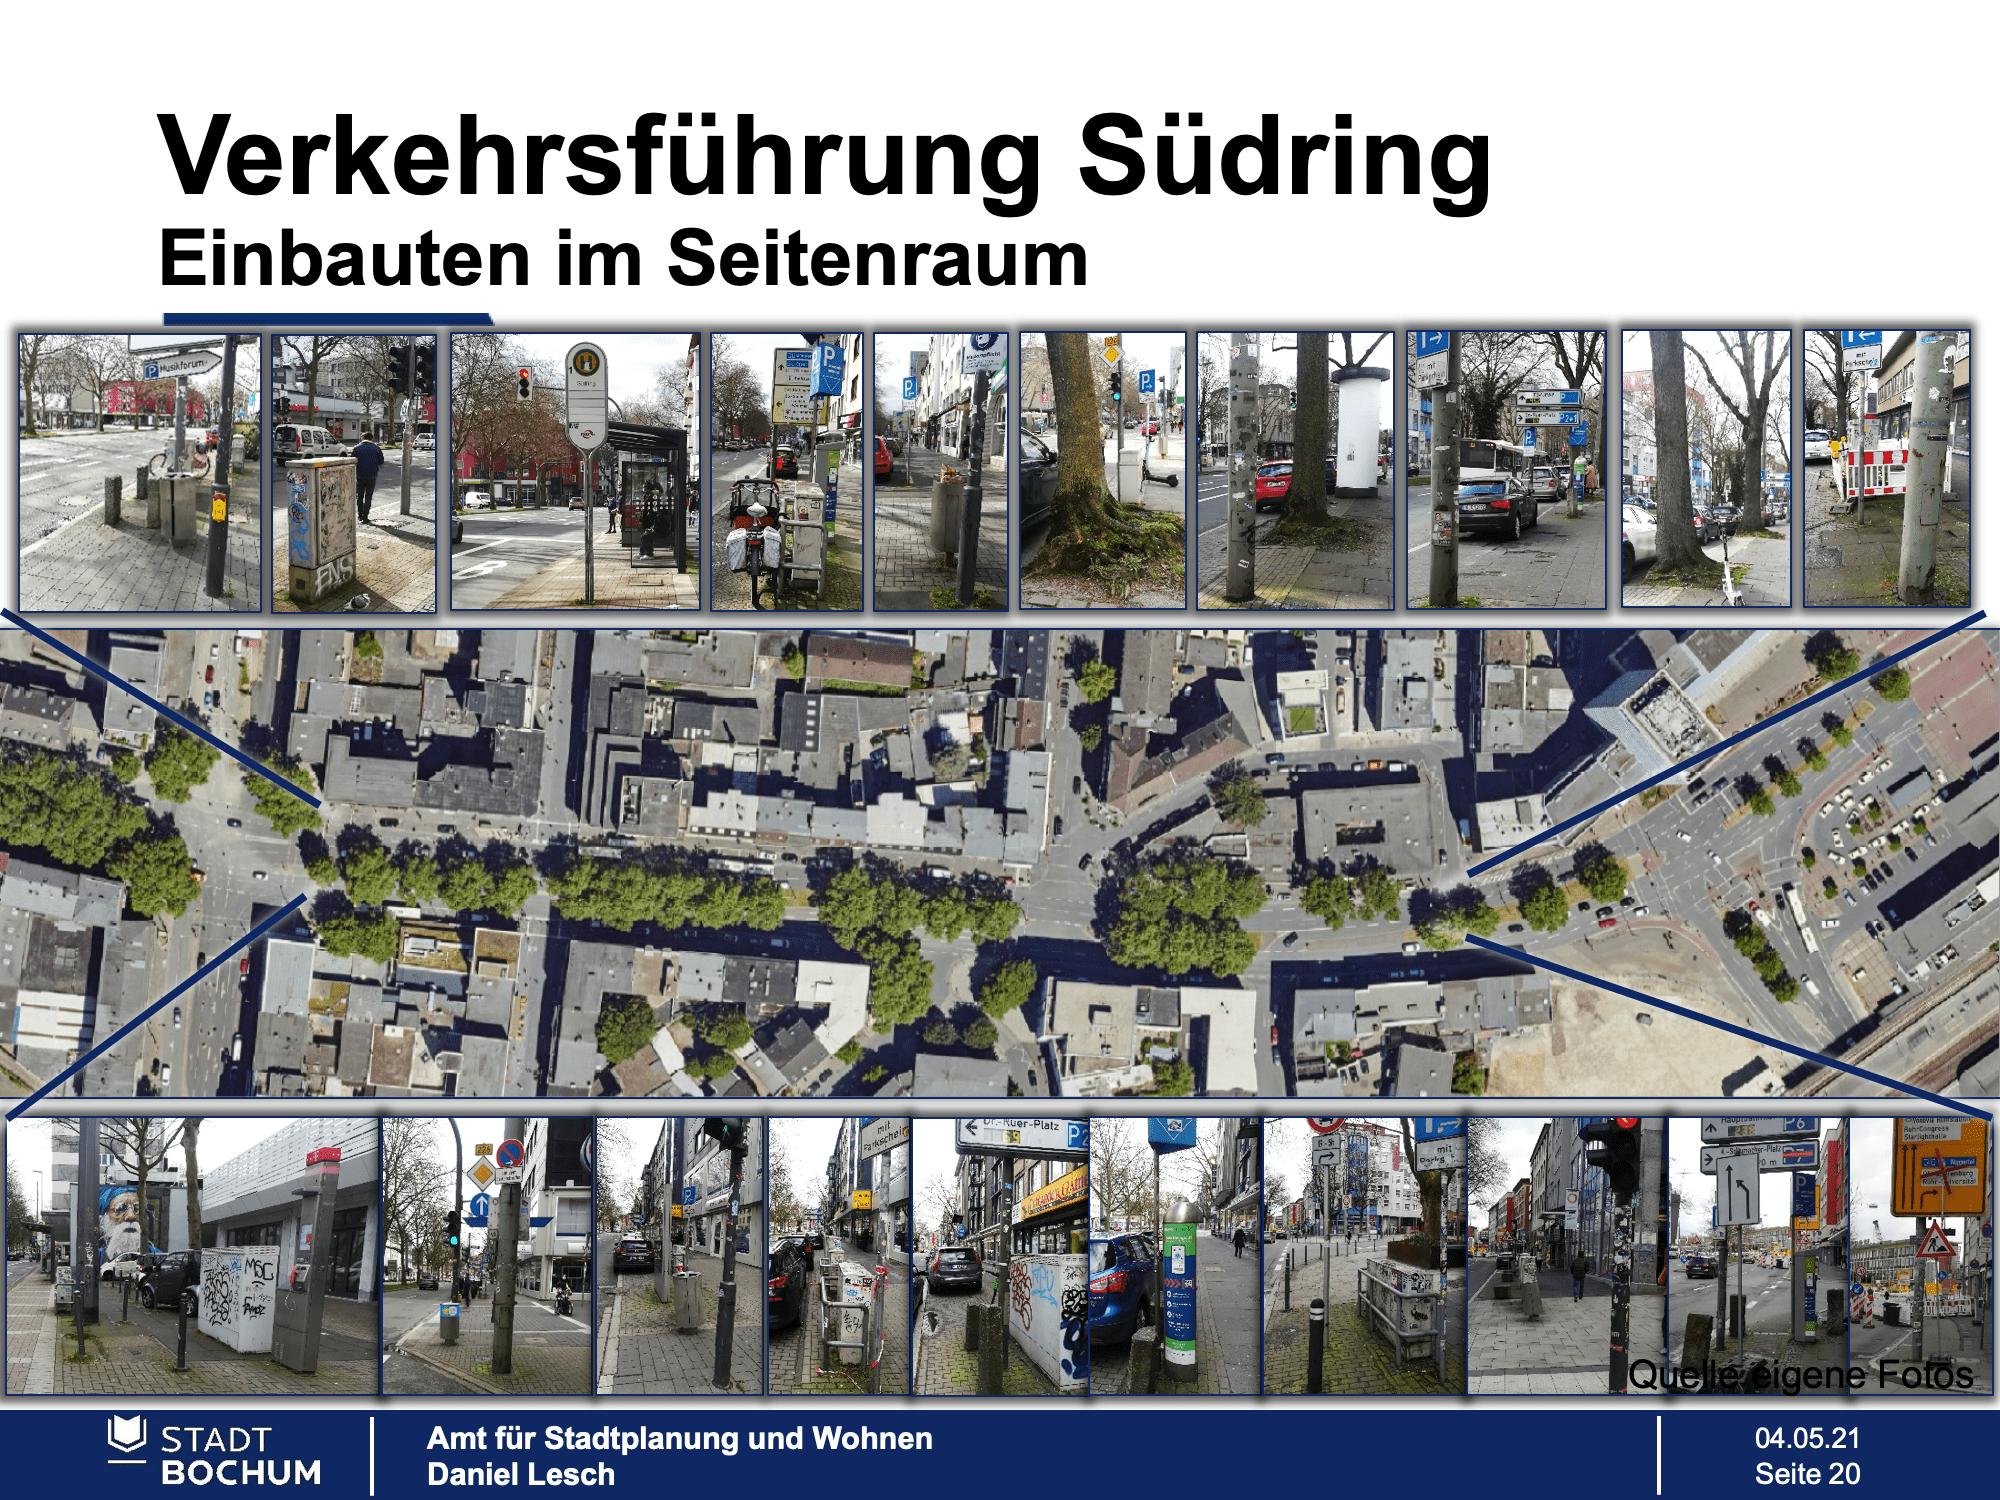 Verkehrsführung Südring: Einbauten im Seitenraum